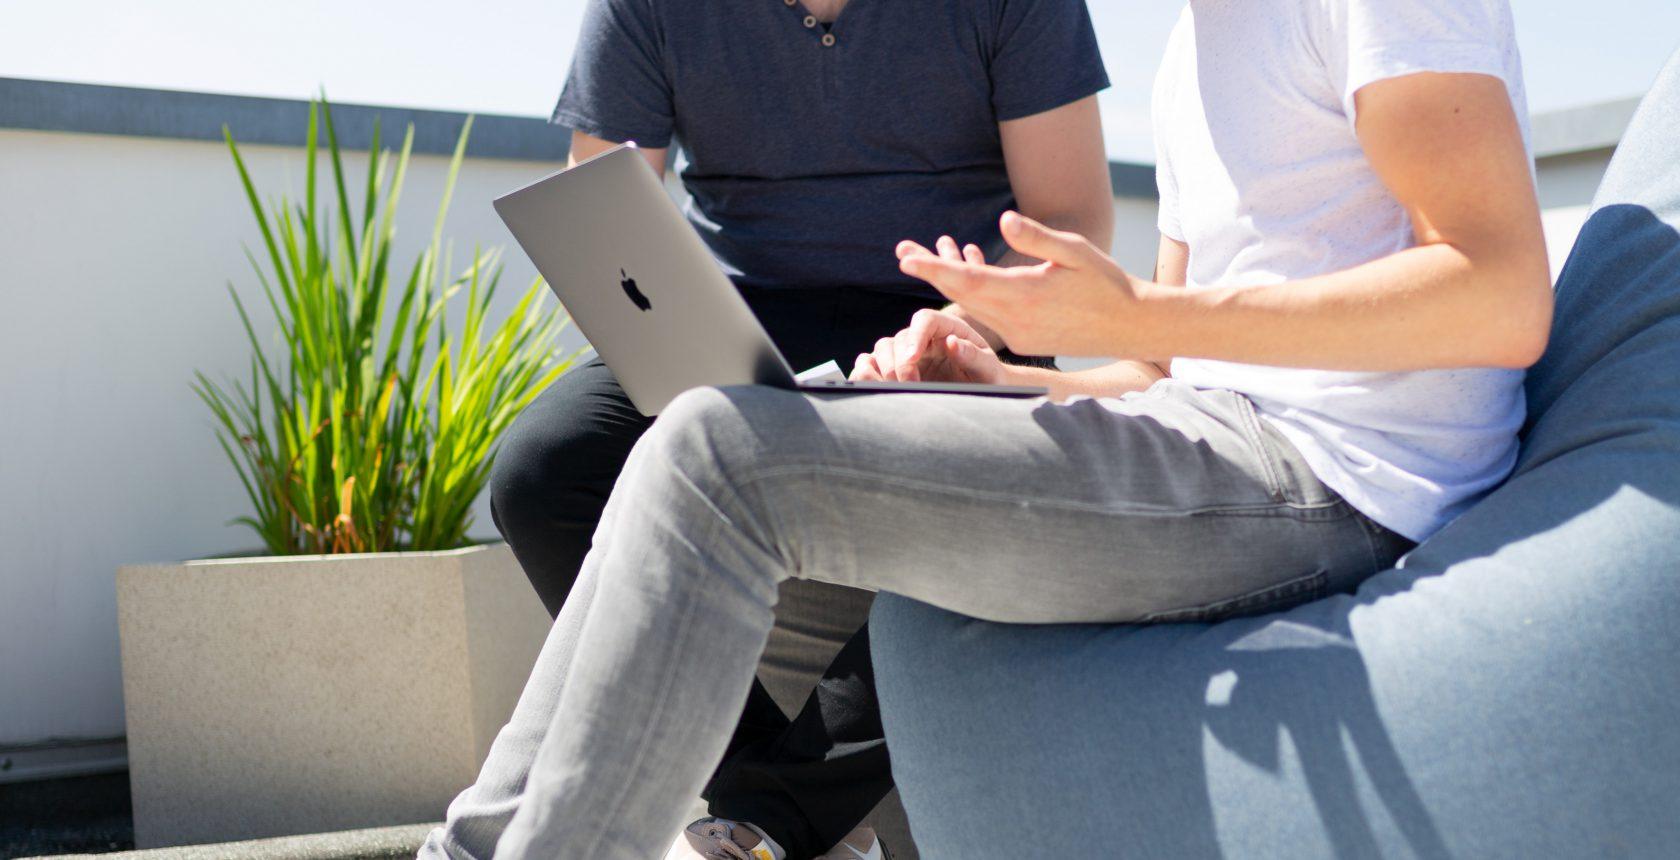 Paroles de freelances – David, souhaite créer sa structure en partant de zéro